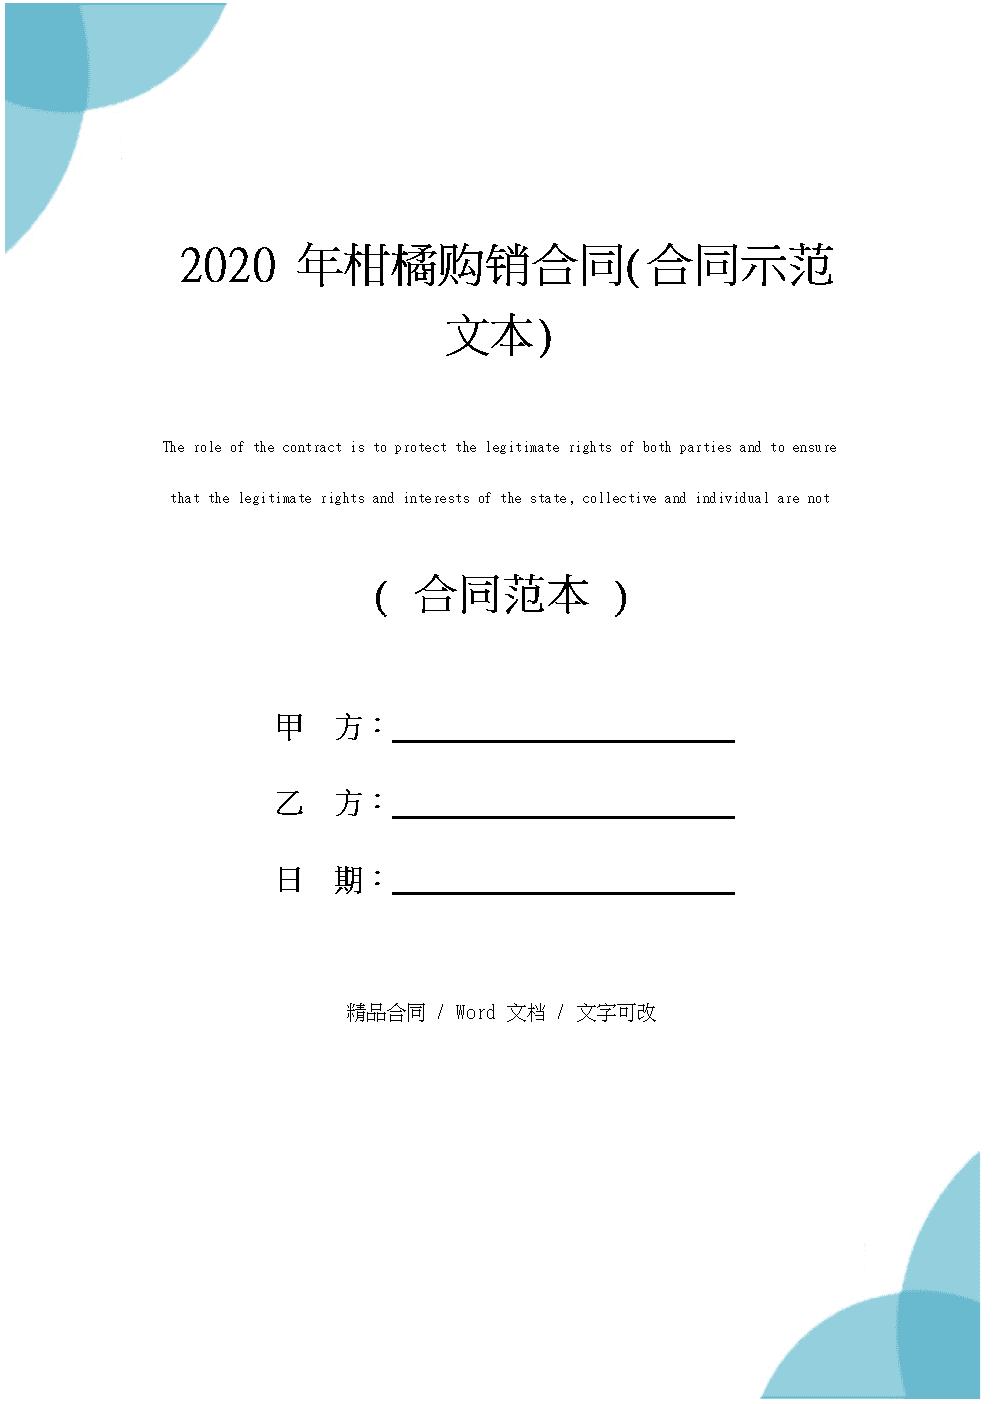 2020年柑橘购销合同修订版.docx